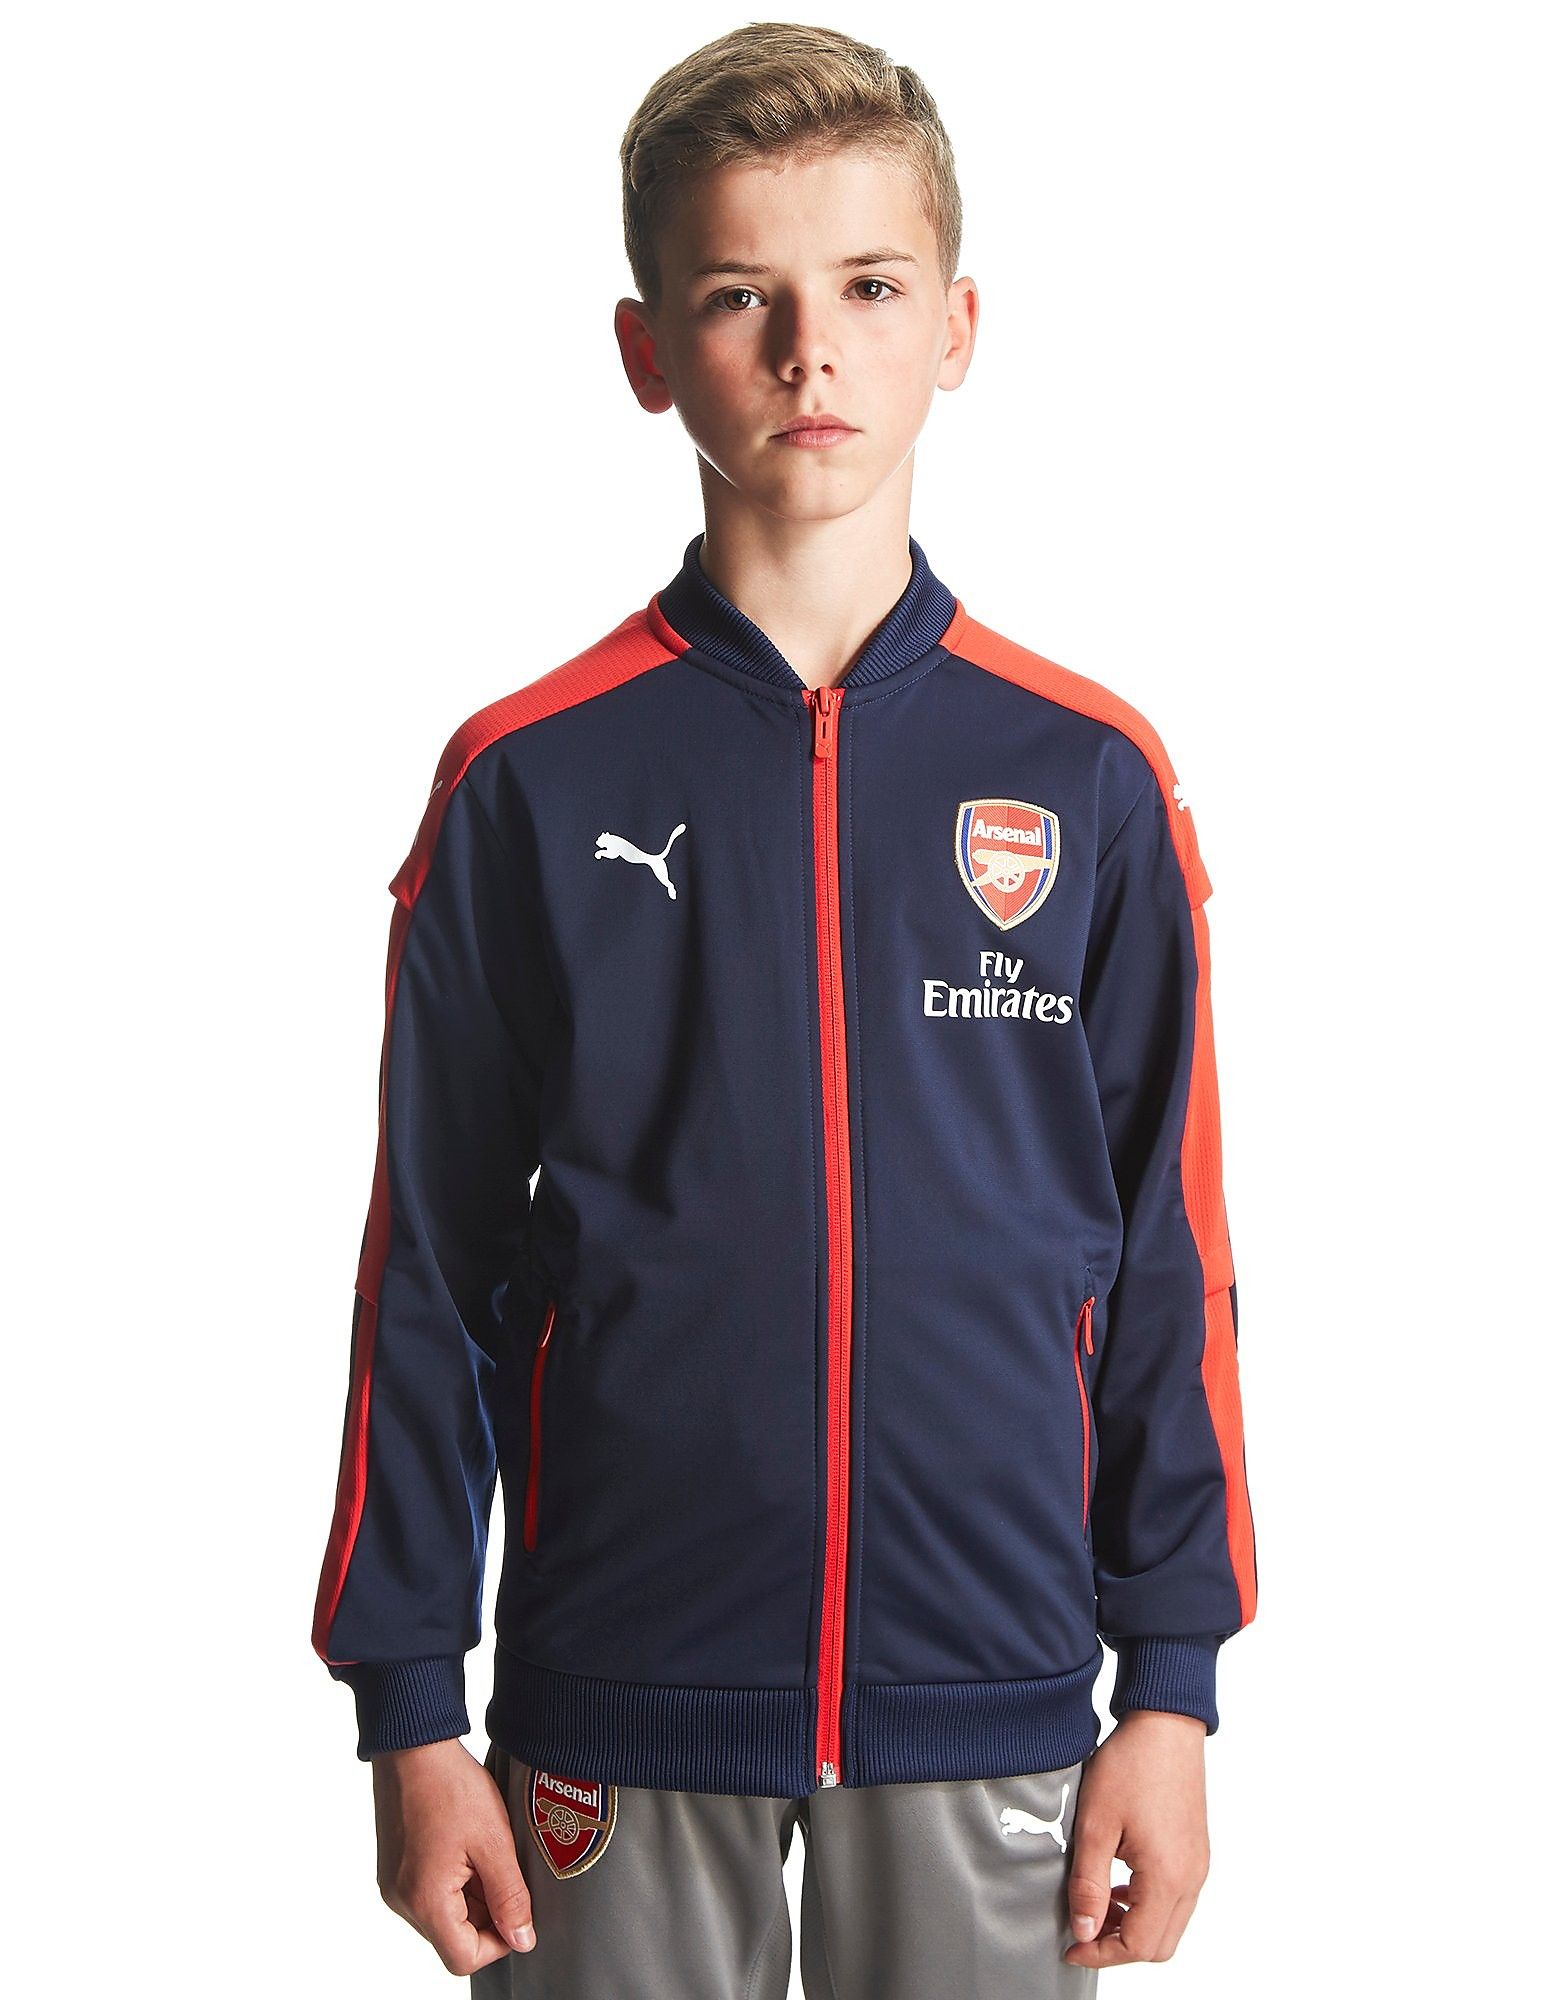 PUMA Arsenal FC 2016/17 Stadium Jacket Junior